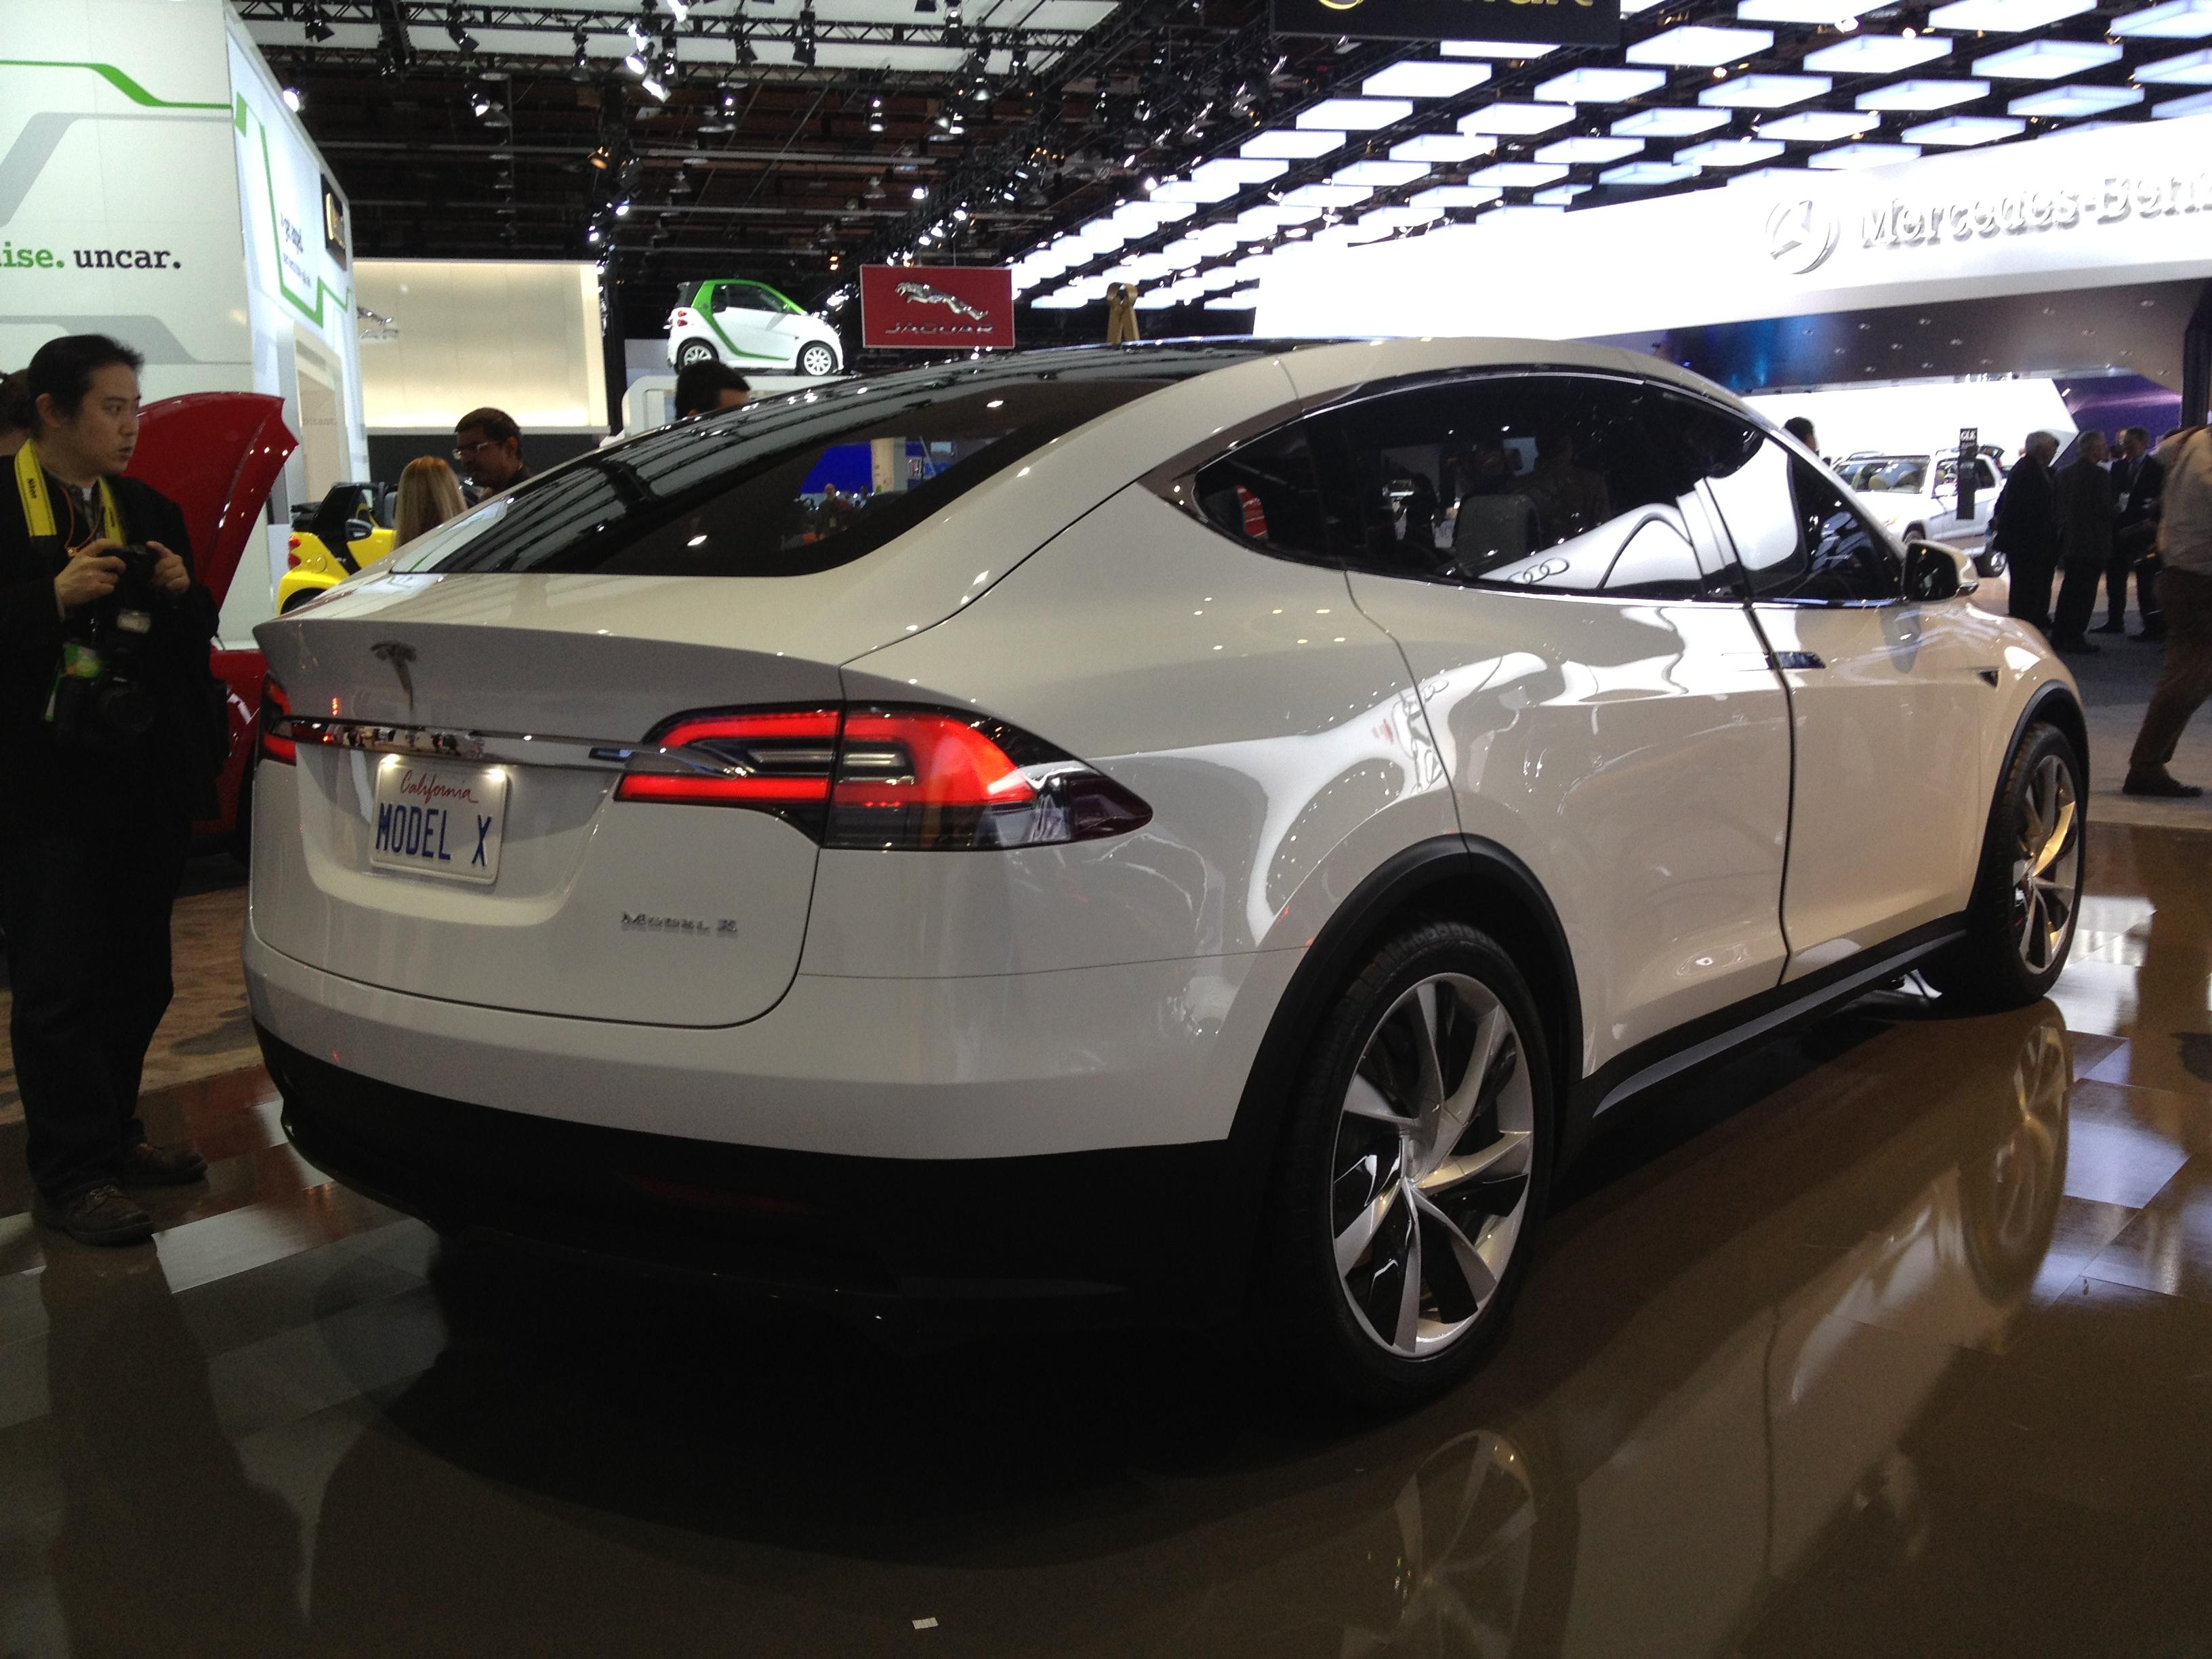 Model Y Wikipedia: File:Tesla Model X (8403033571).jpg